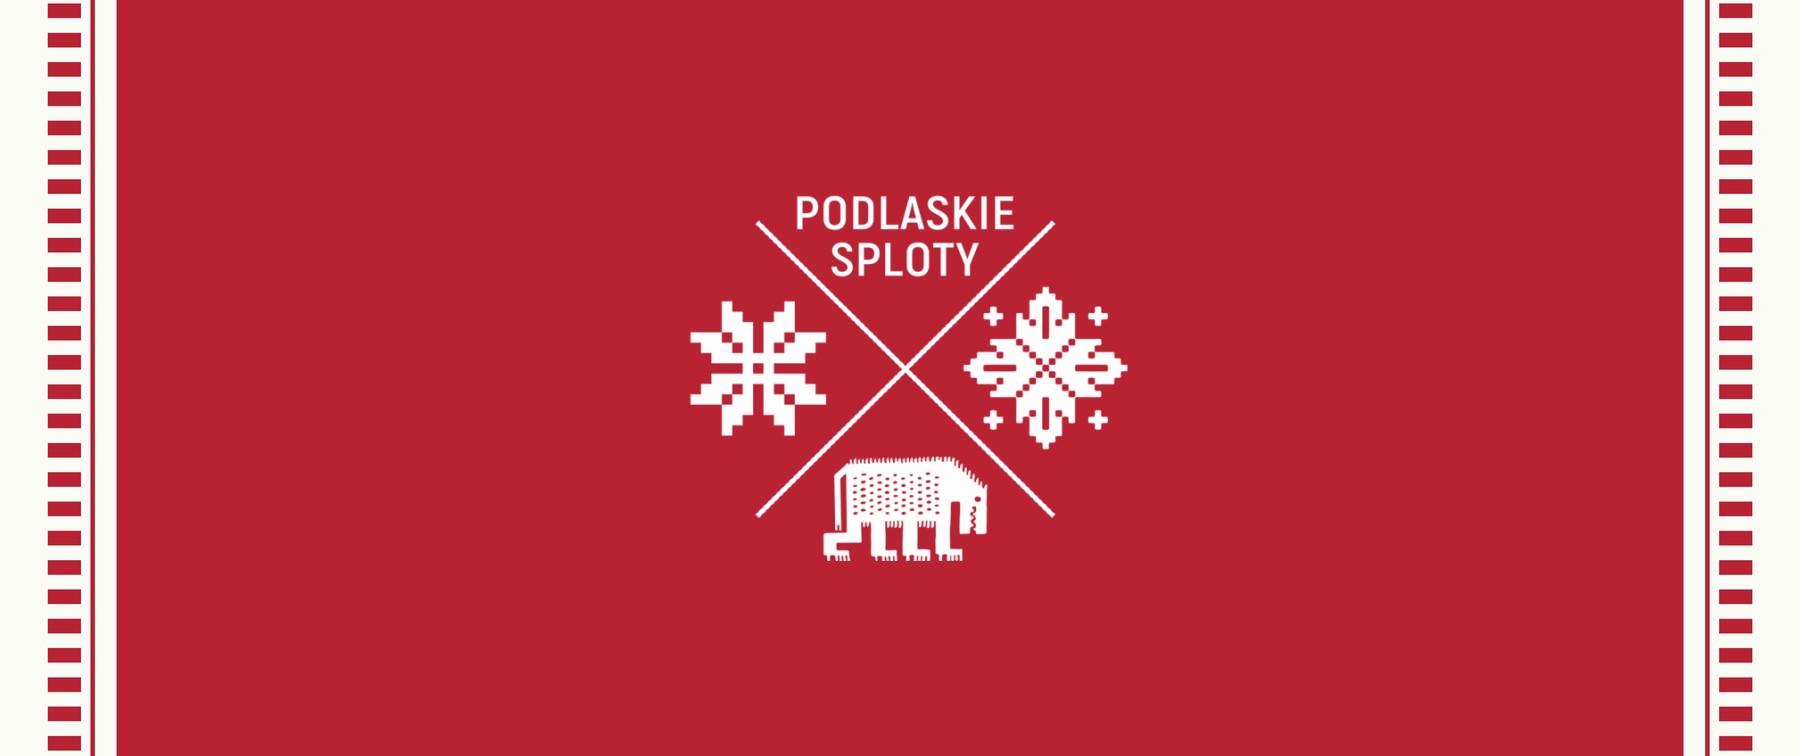 Podlaskie Sploty